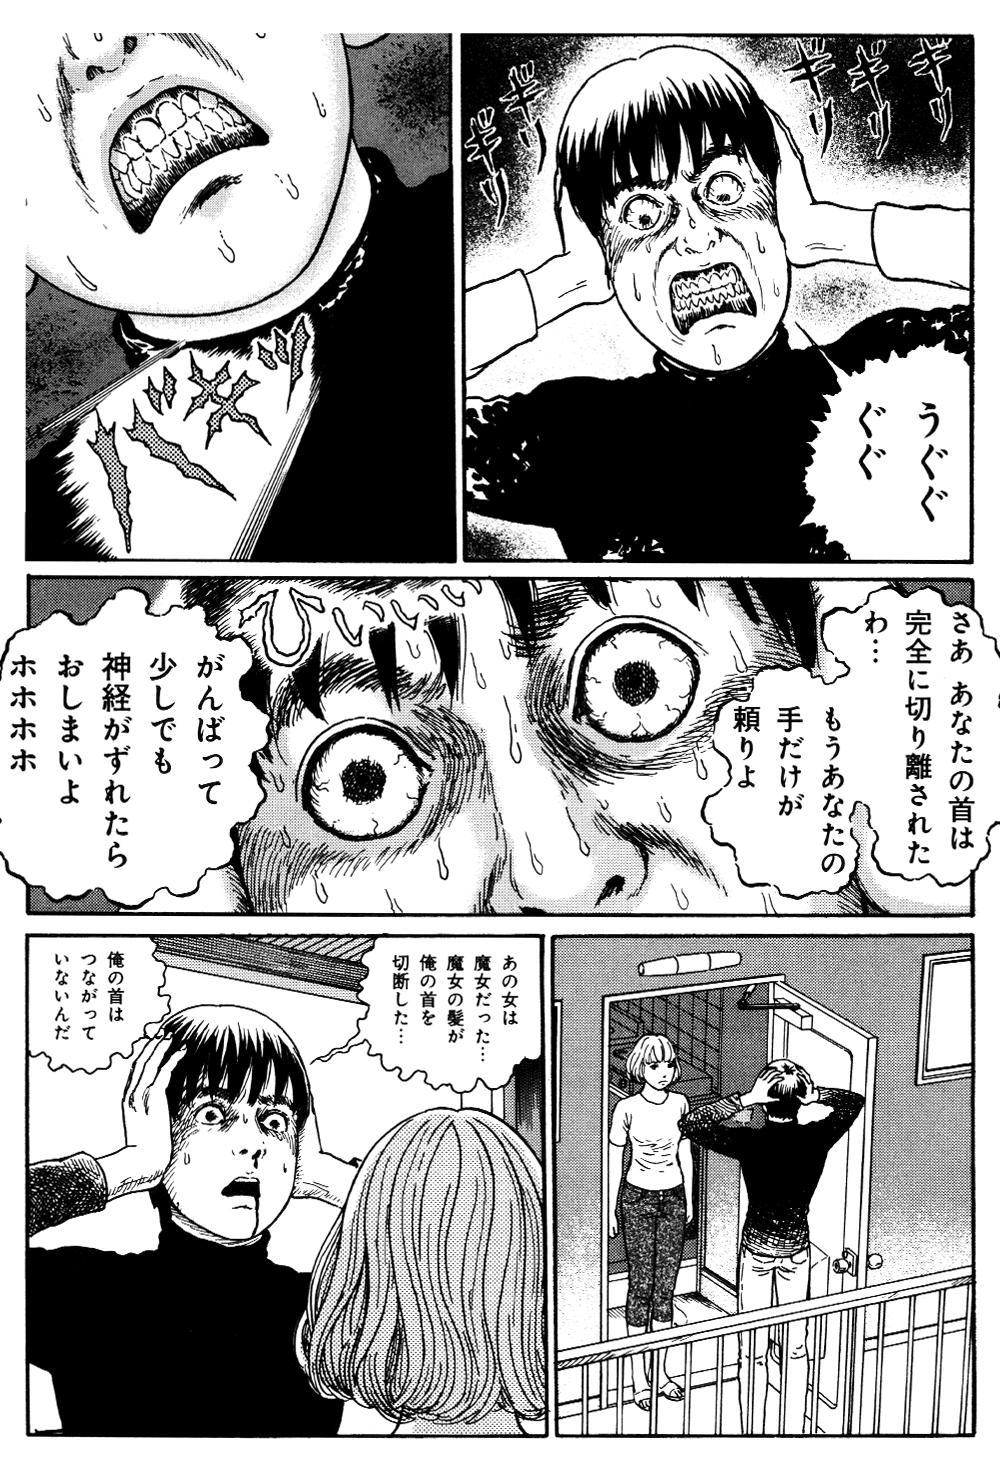 魔の断片 第3話「富夫・赤いハイネック」②jisen06-05.jpg